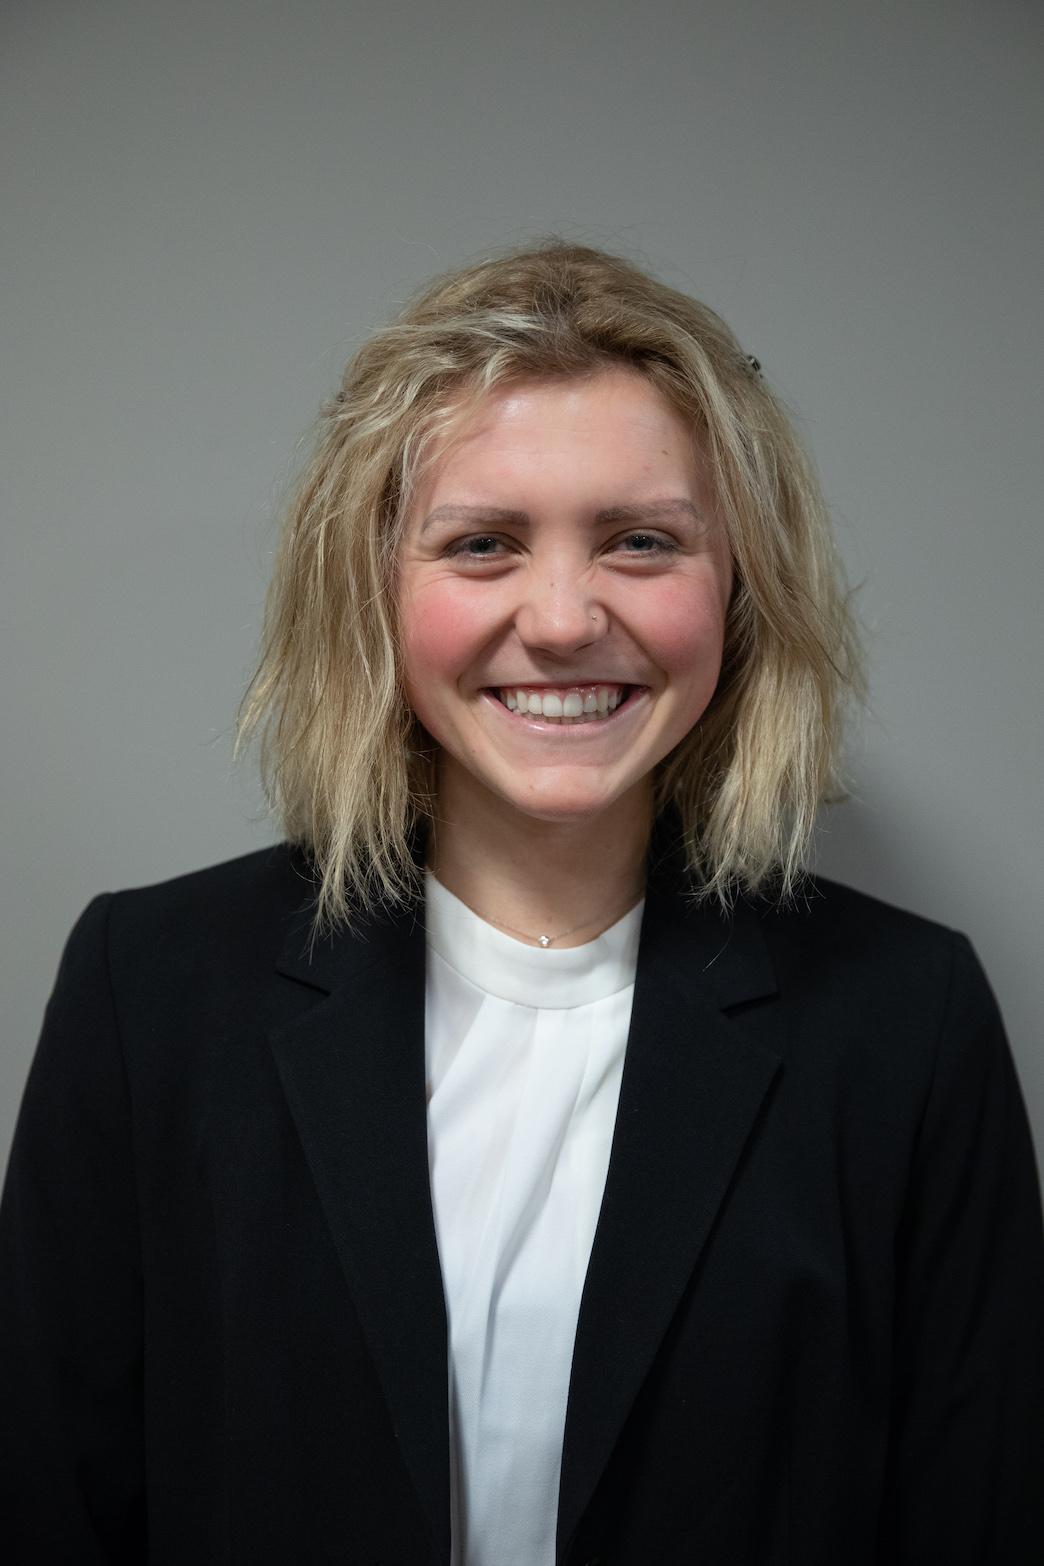 Ashley Knebel